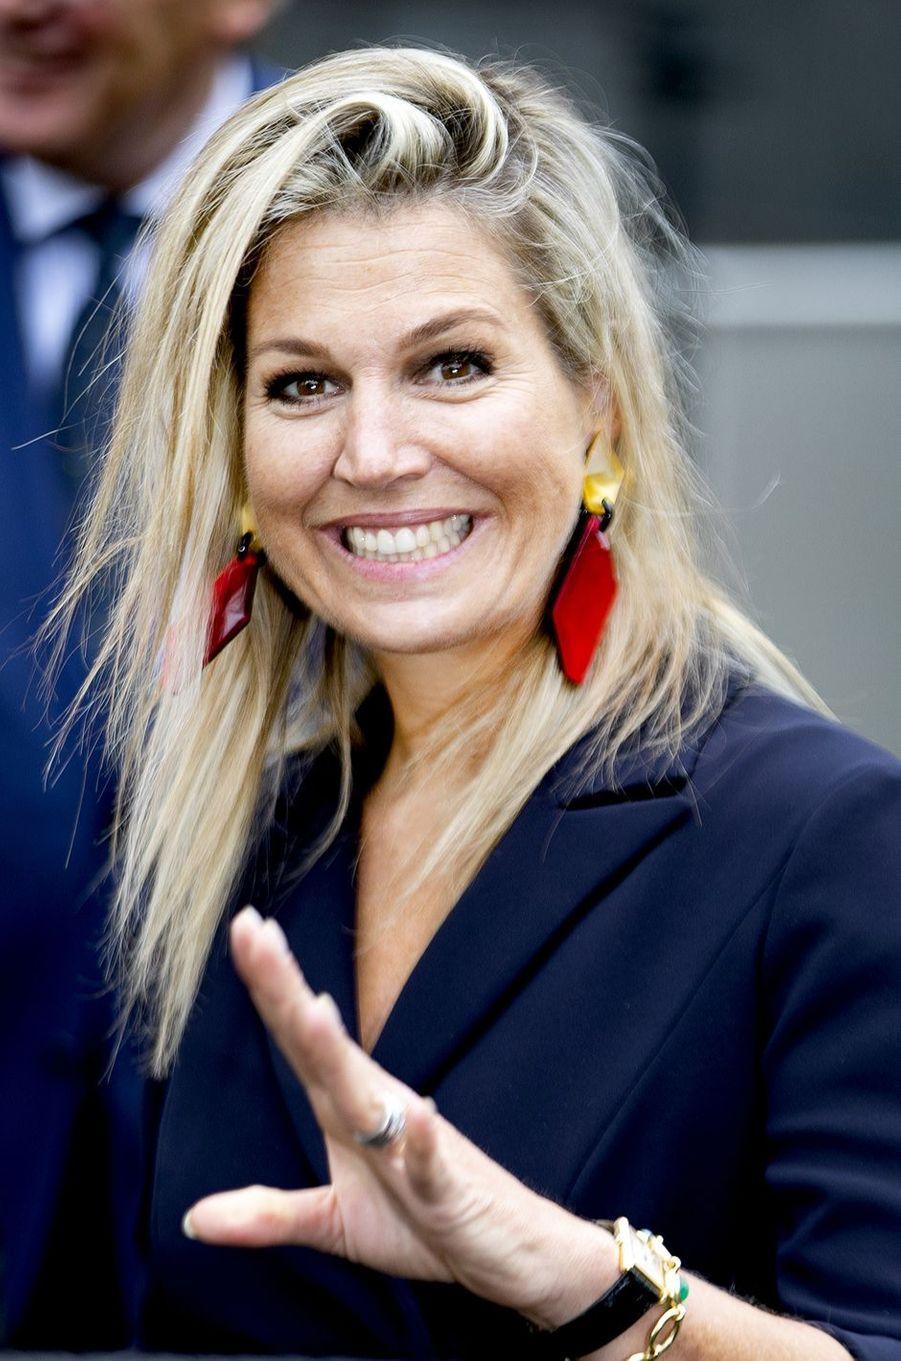 La reine Maxima des Pays-Bas à La Haye, le 11 septembre 2019